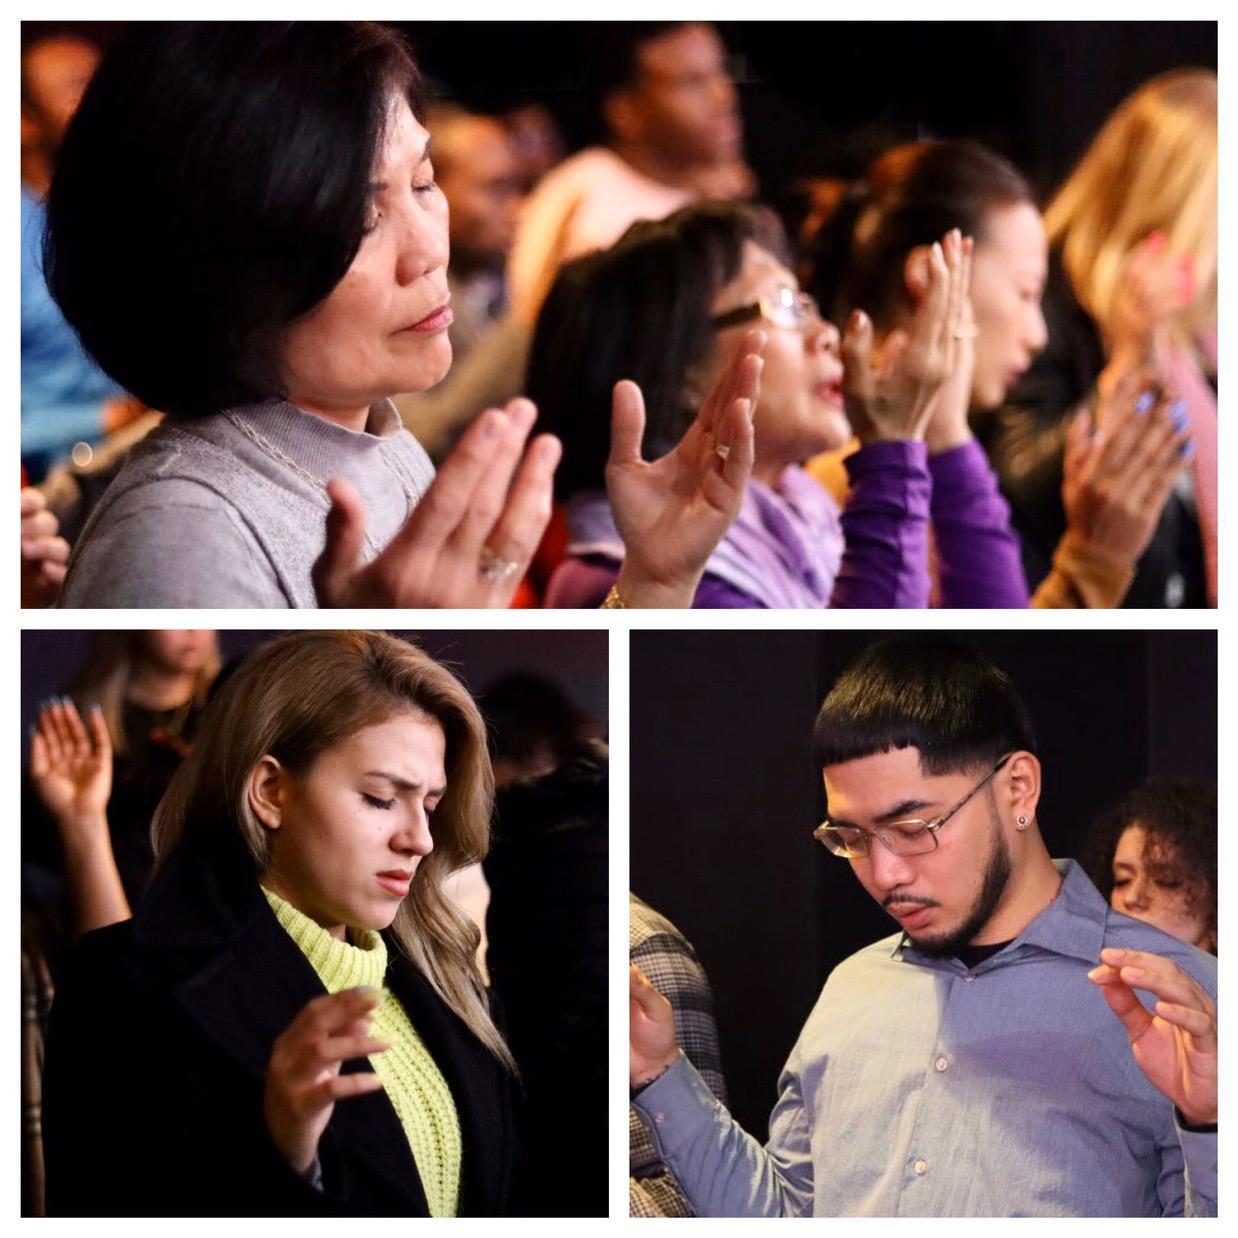 WORSHIP & CELEBRATION! #photospeak -